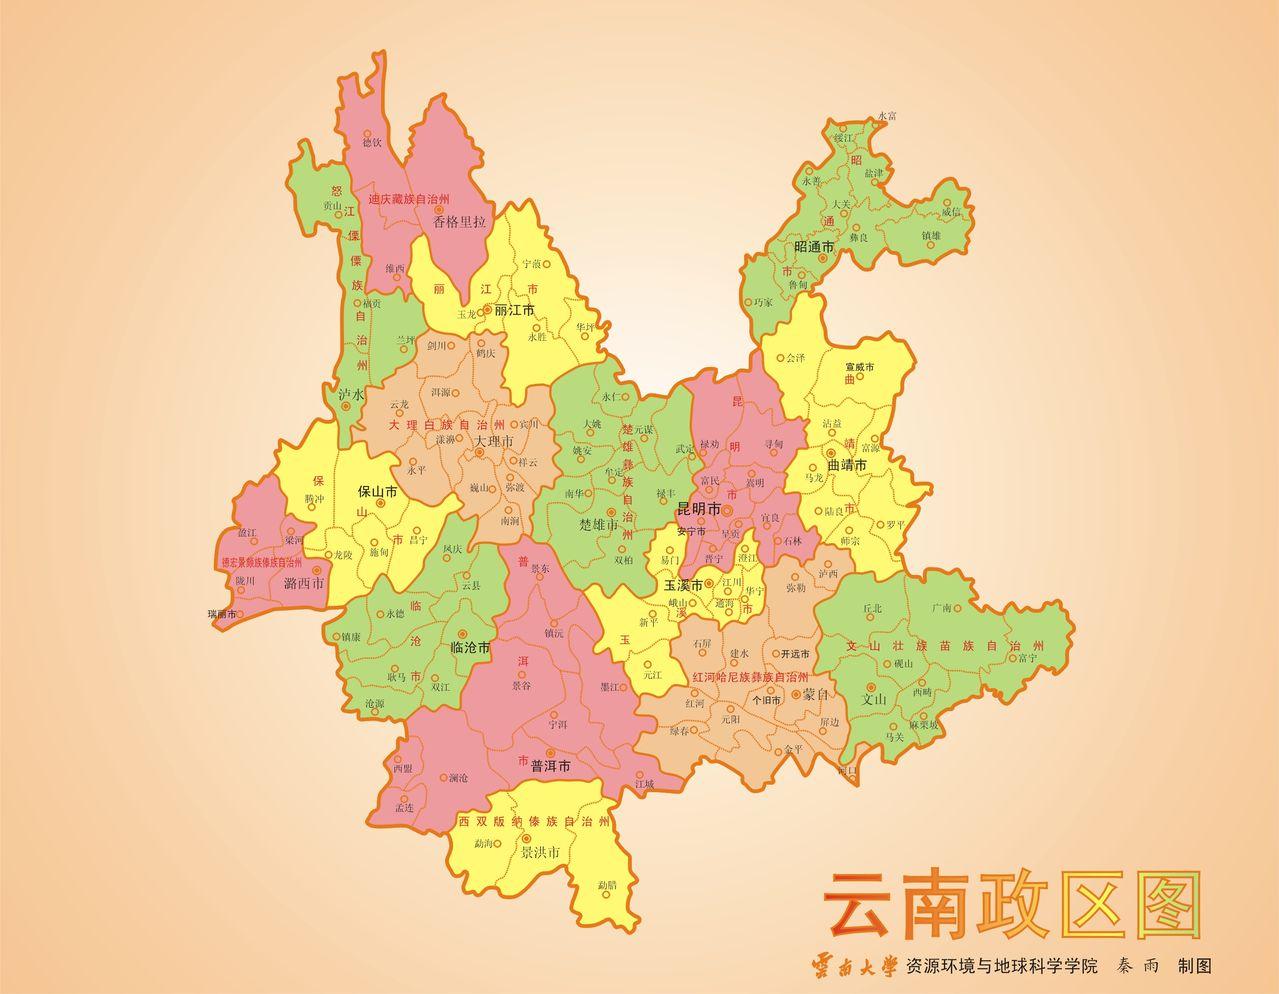 云南省政区图,云南行政区划图